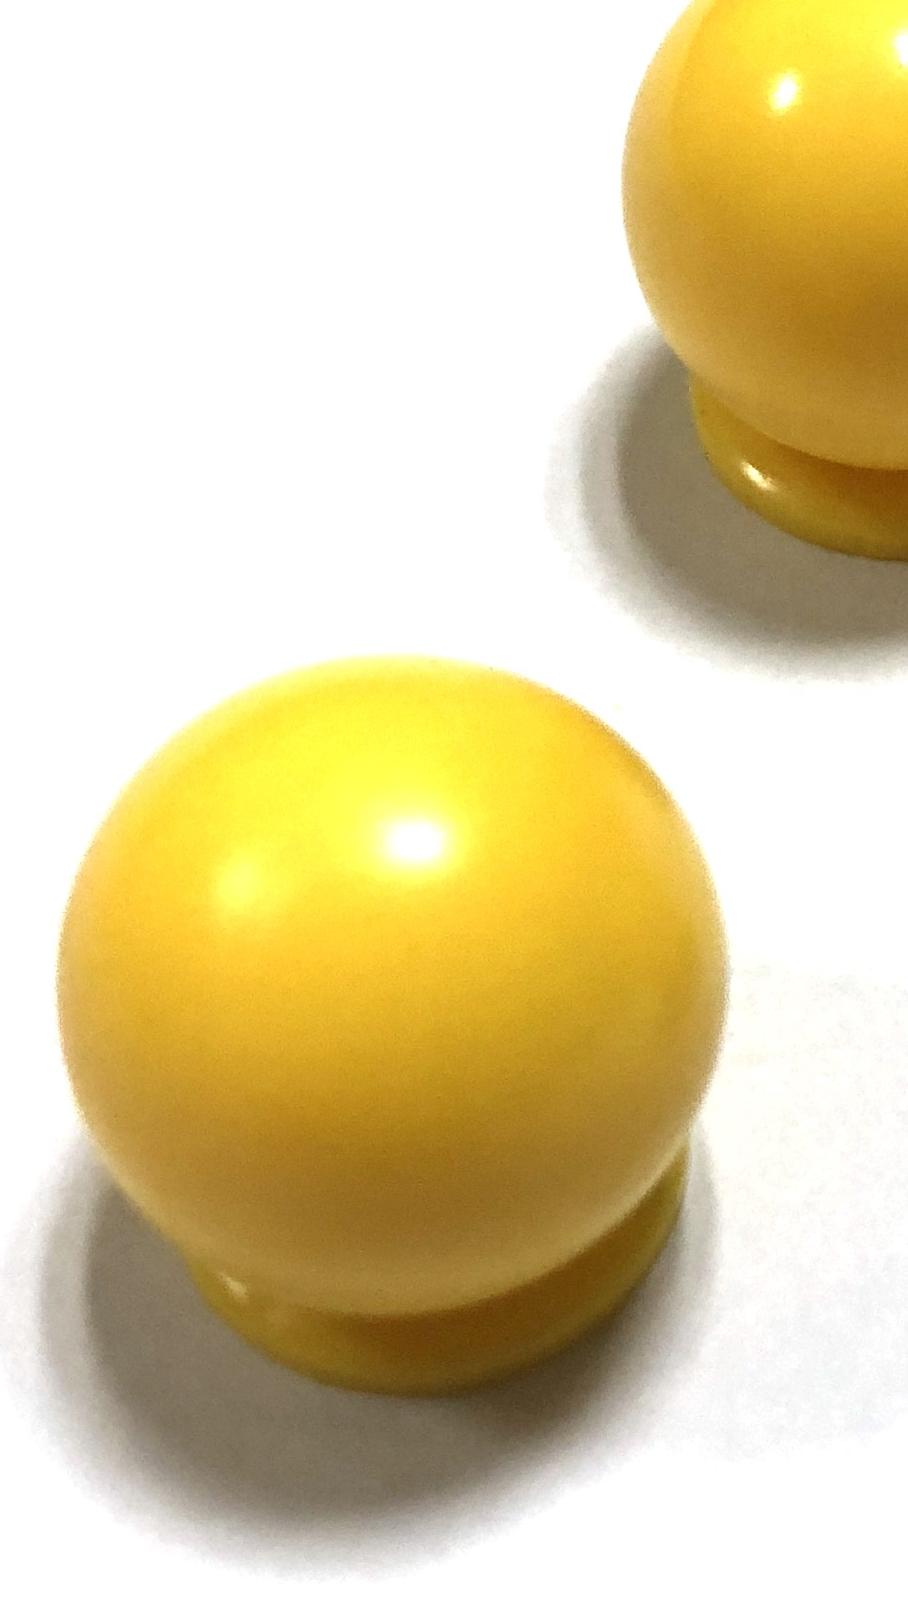 ביקוש גבוה כלי באיכות גבוהה פלסטיק עובש מוצר טופס חלק